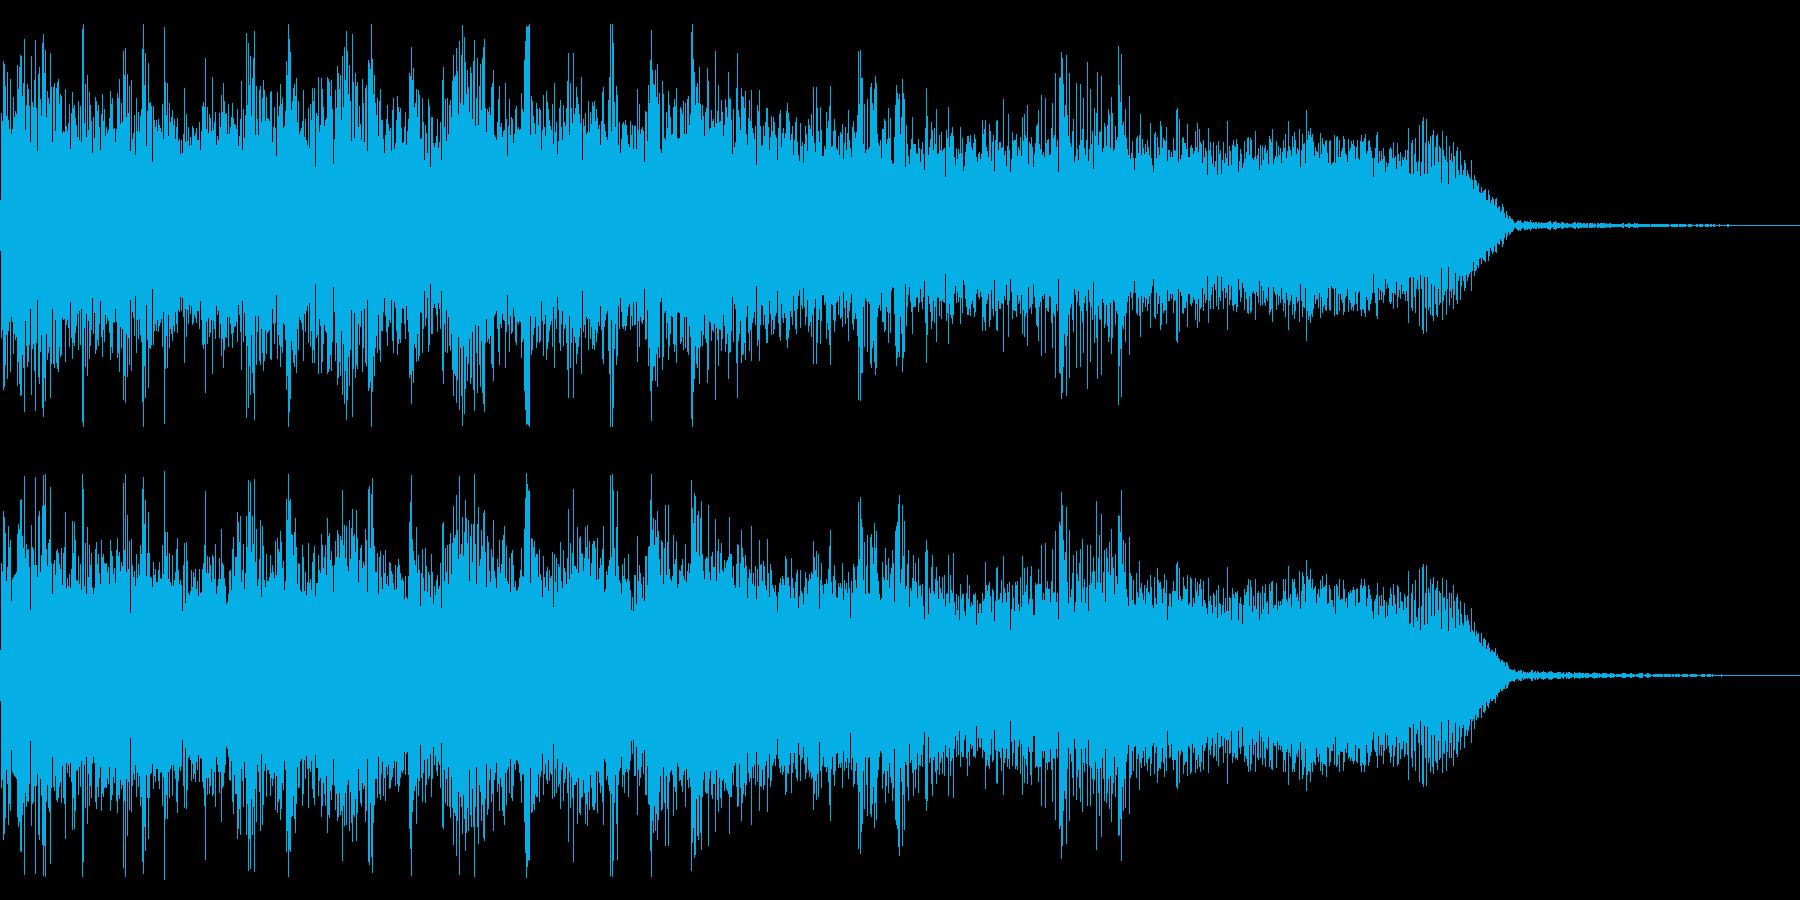 ハードロック・メタル系ジングル 場面転換の再生済みの波形